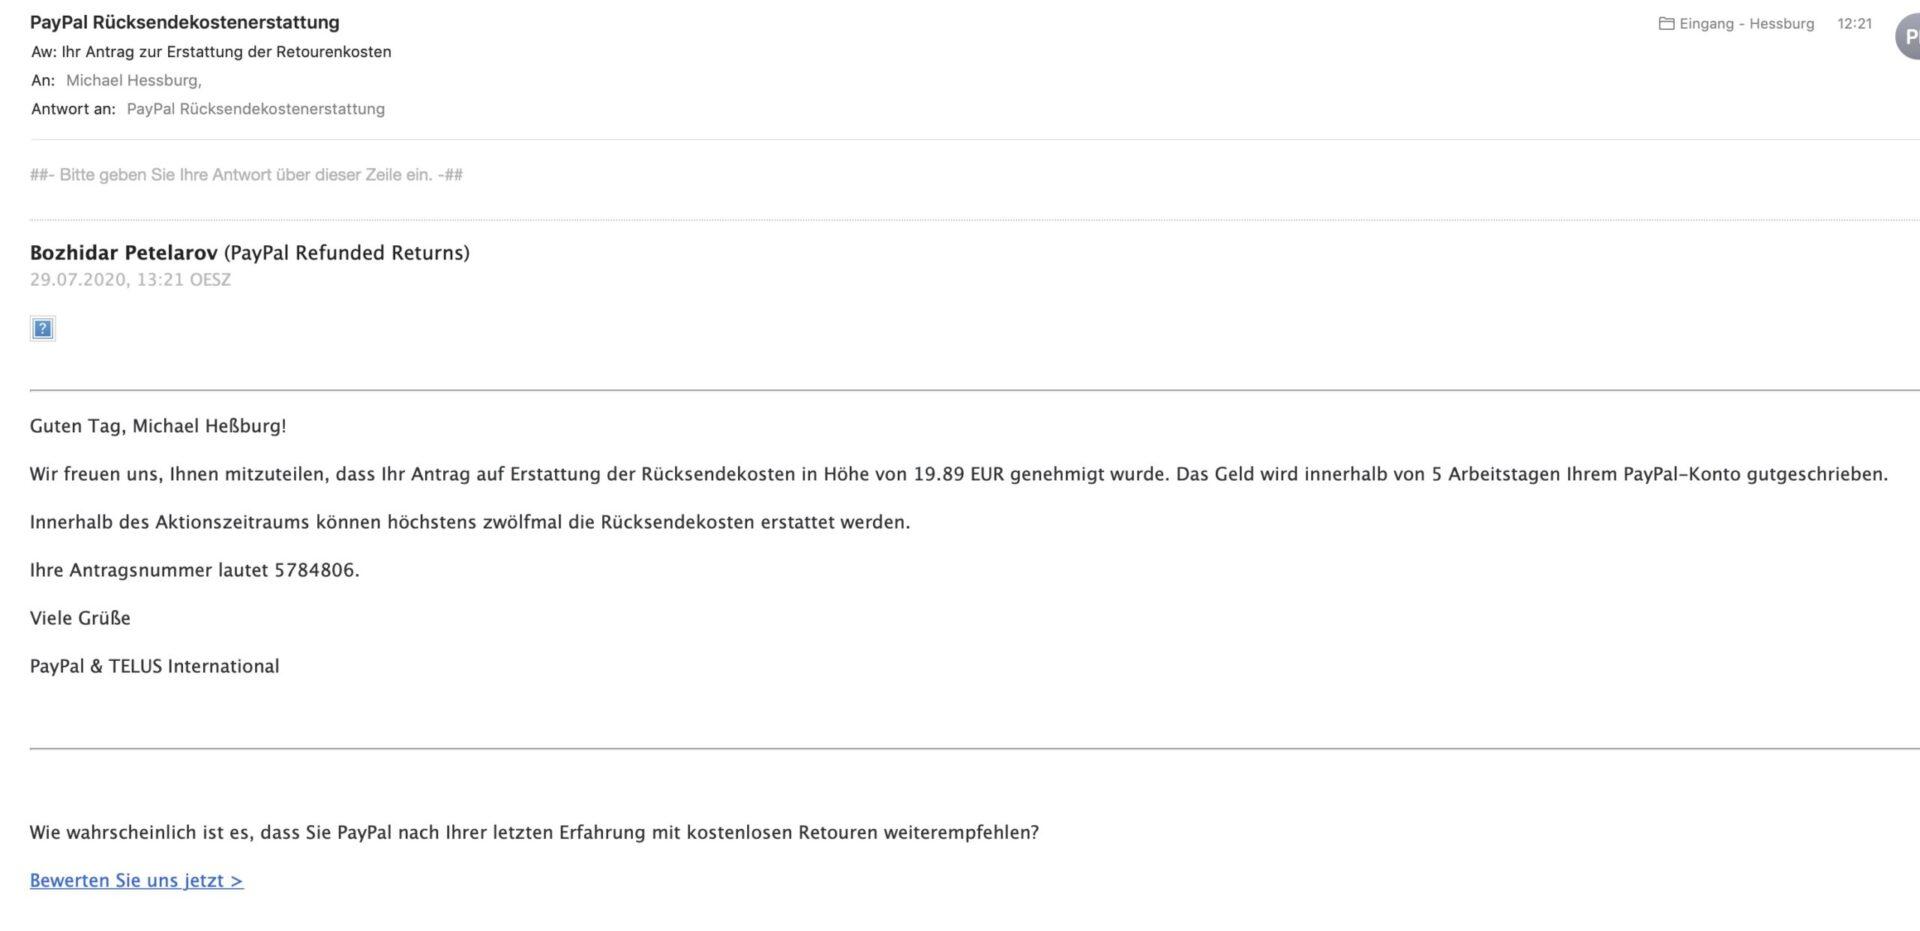 Email Erstattung Rücksendekosten scaled 1